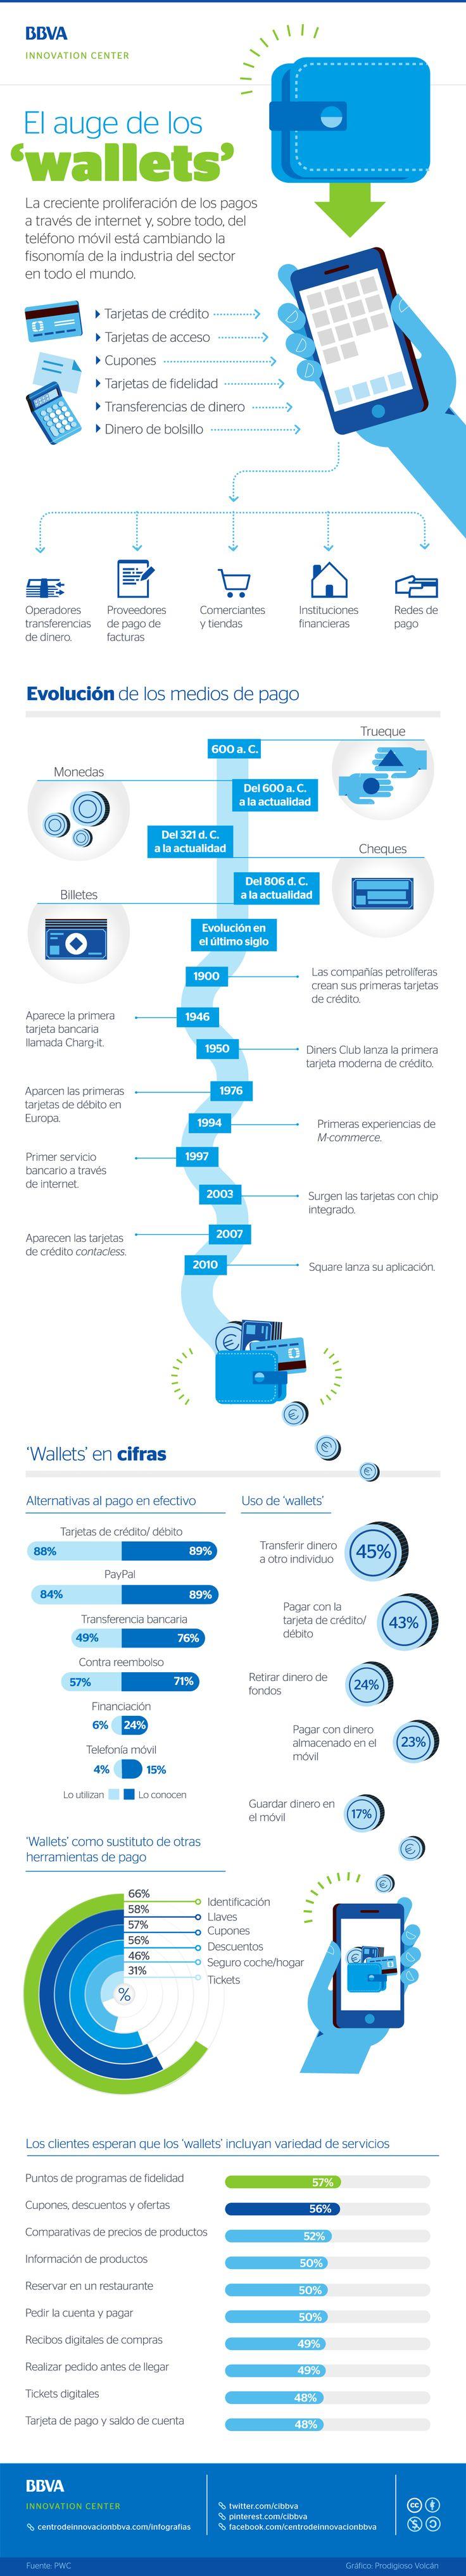 Infografía: el auge de los 'wallets' - CIBBVA